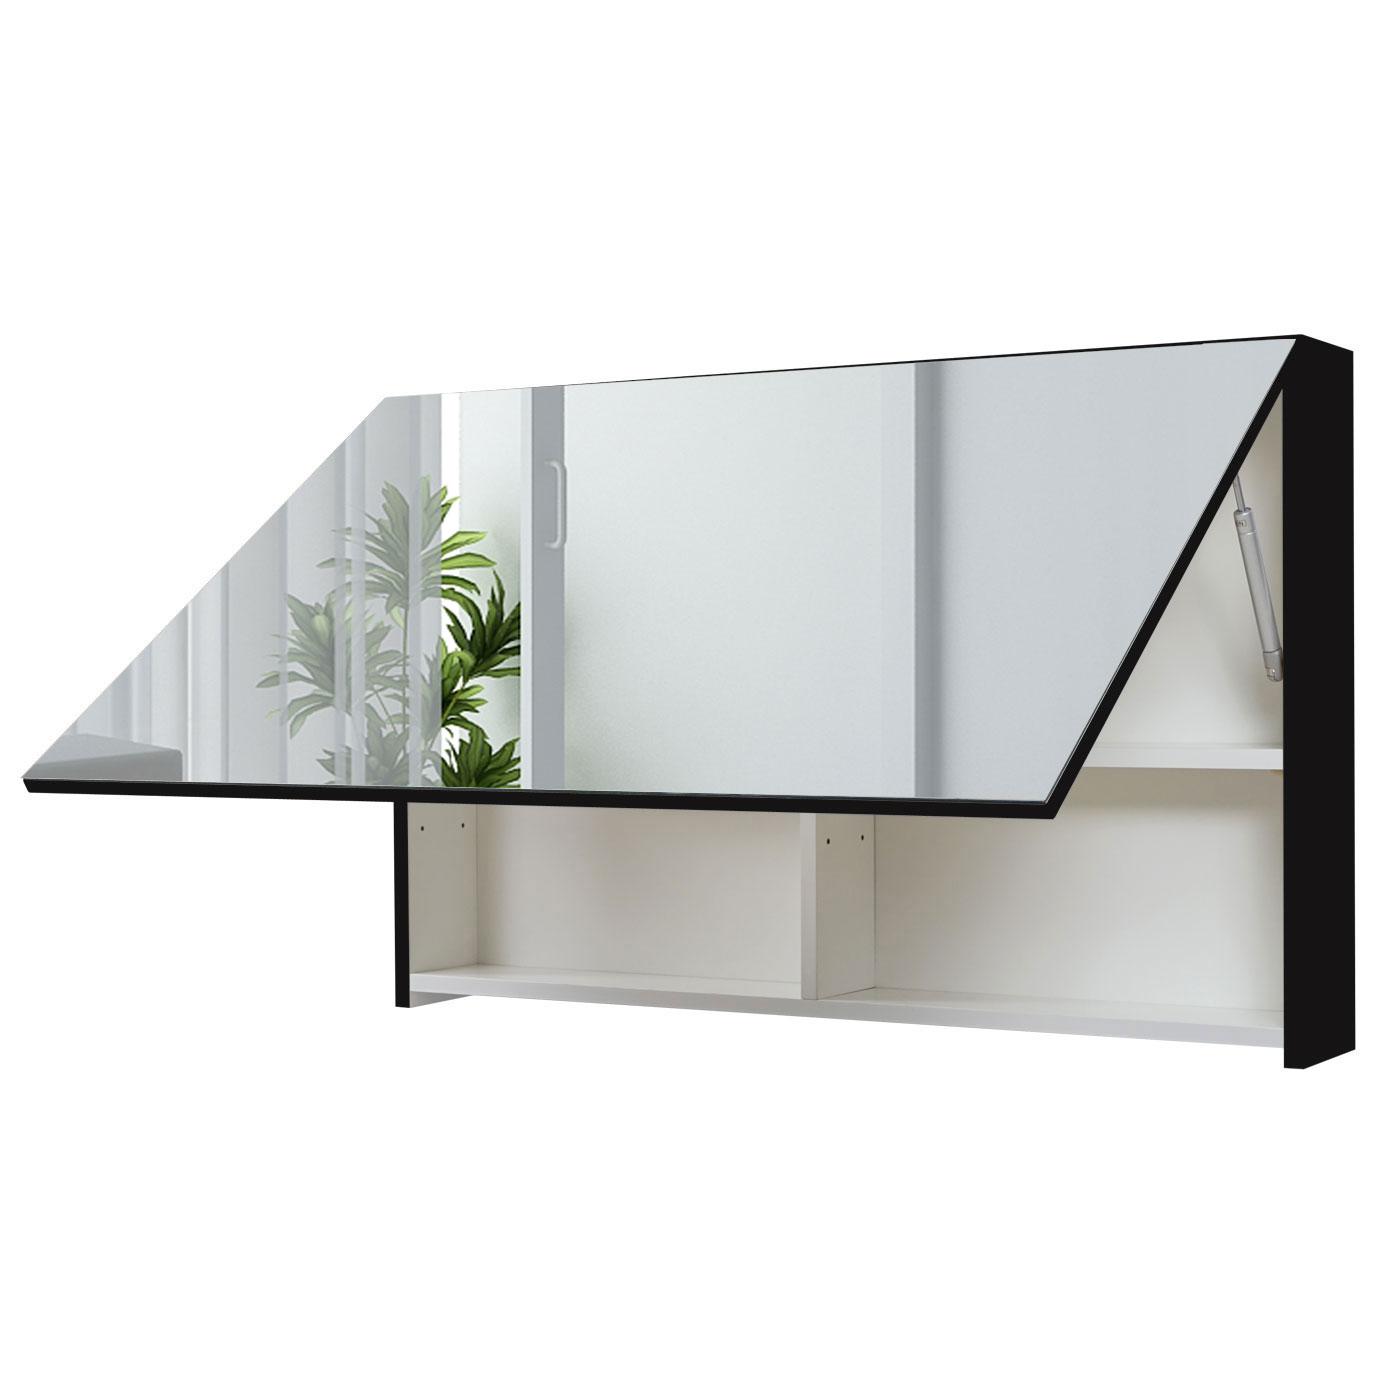 Spiegelschrank hwc c11 wandspiegel badspiegel badezimmer for Spiegel nachrichten heute